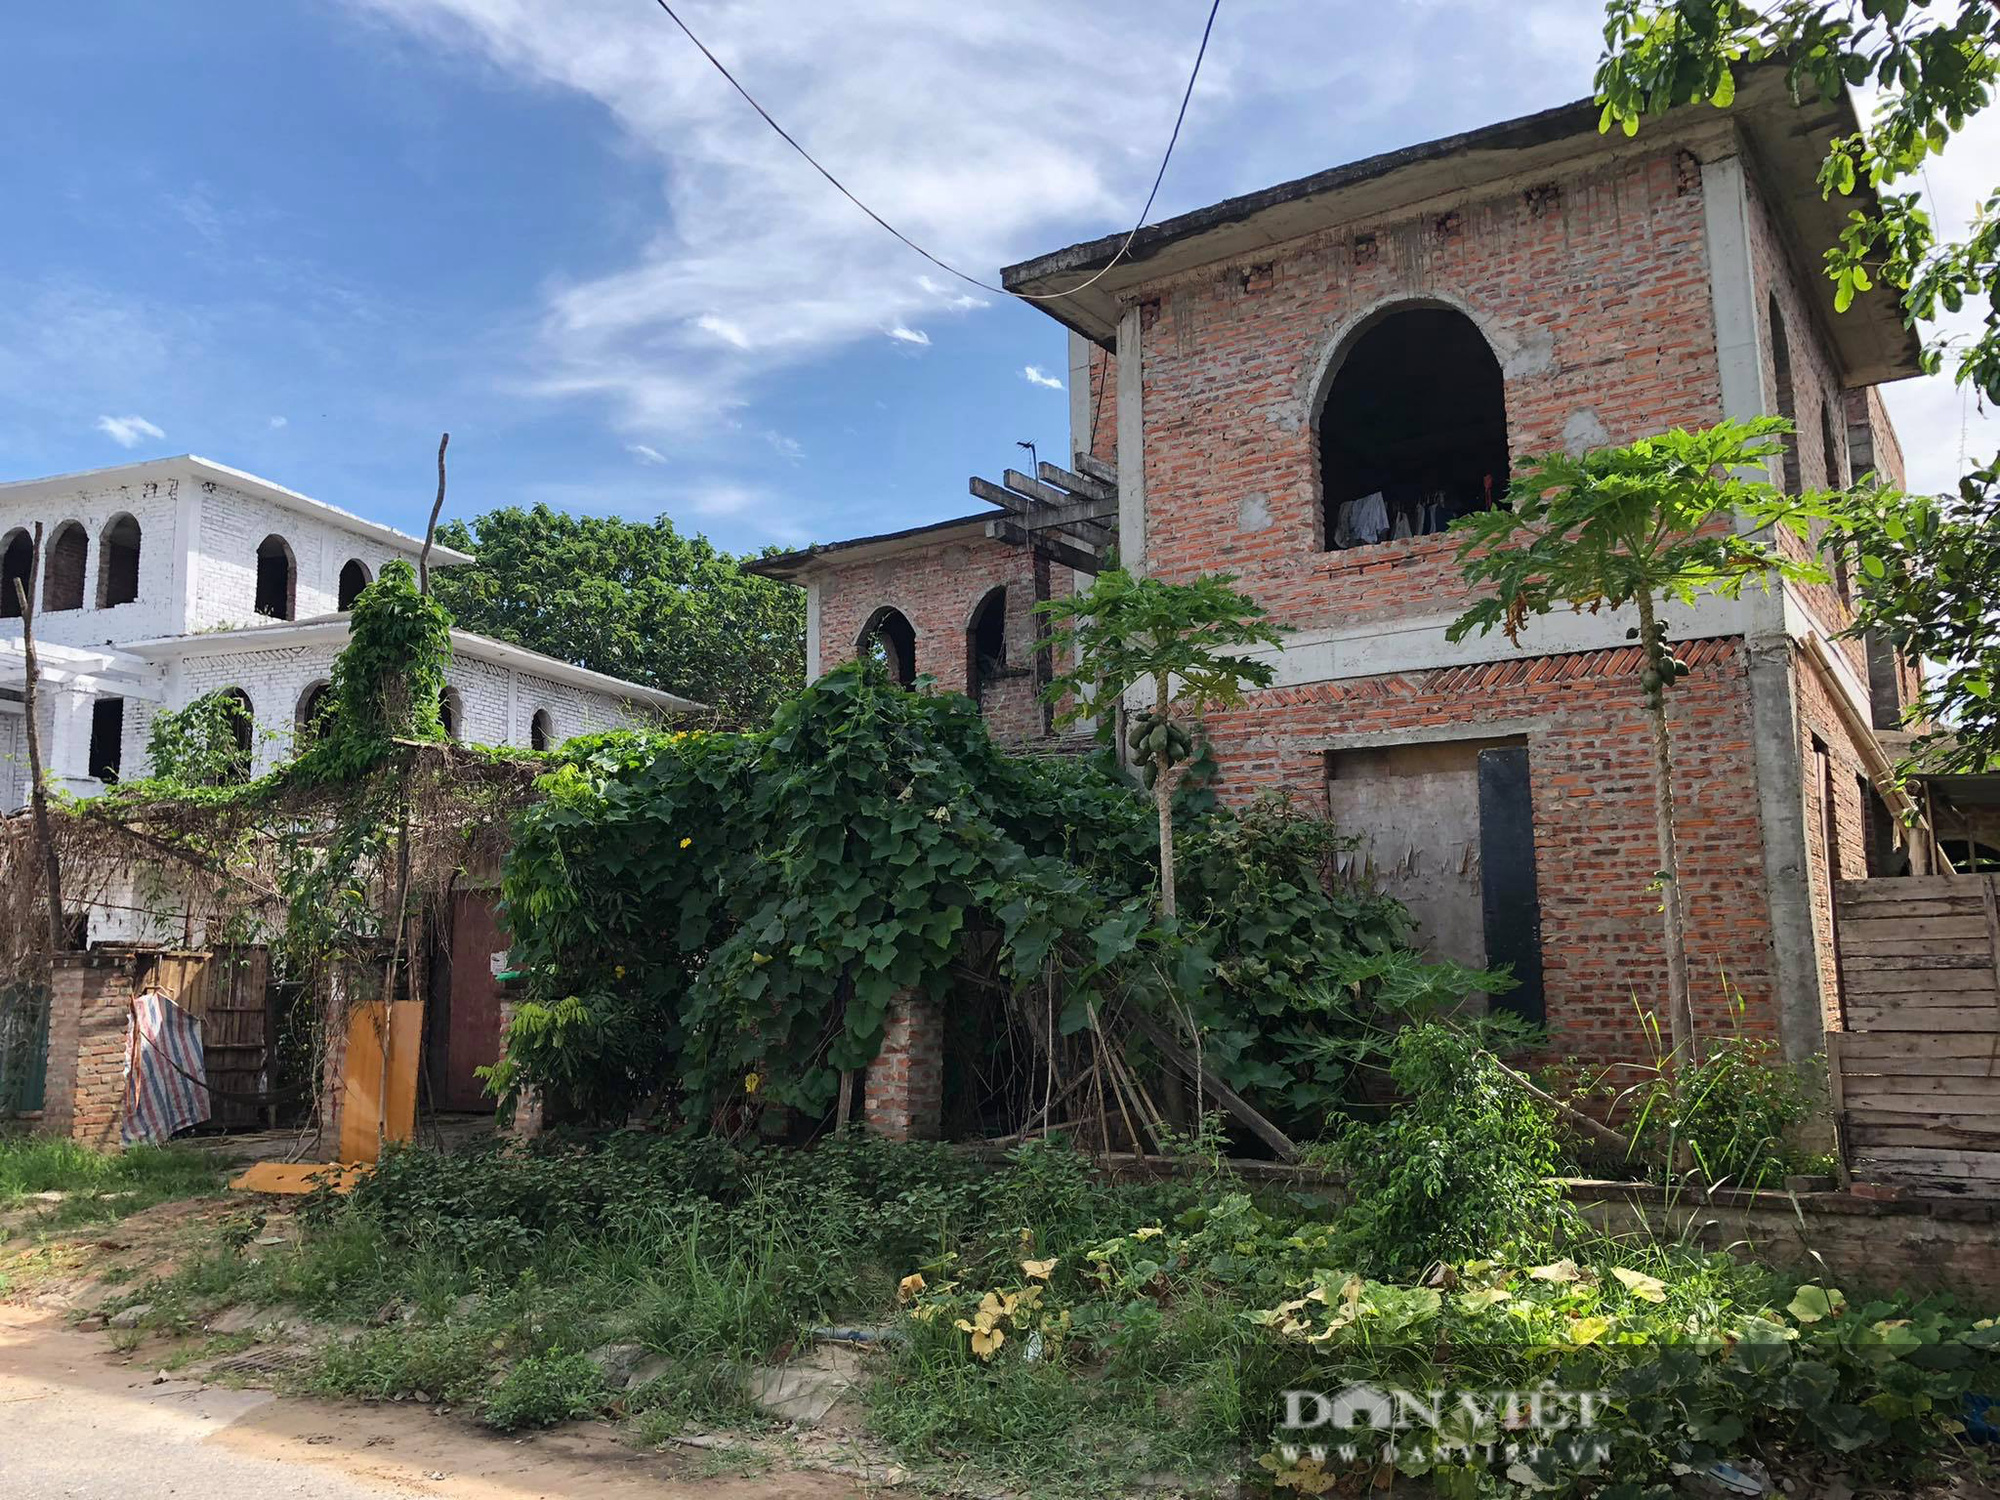 La liệt biệt thự chục tỷ đồng bỏ hoang ở Hà Nội - Ảnh 4.